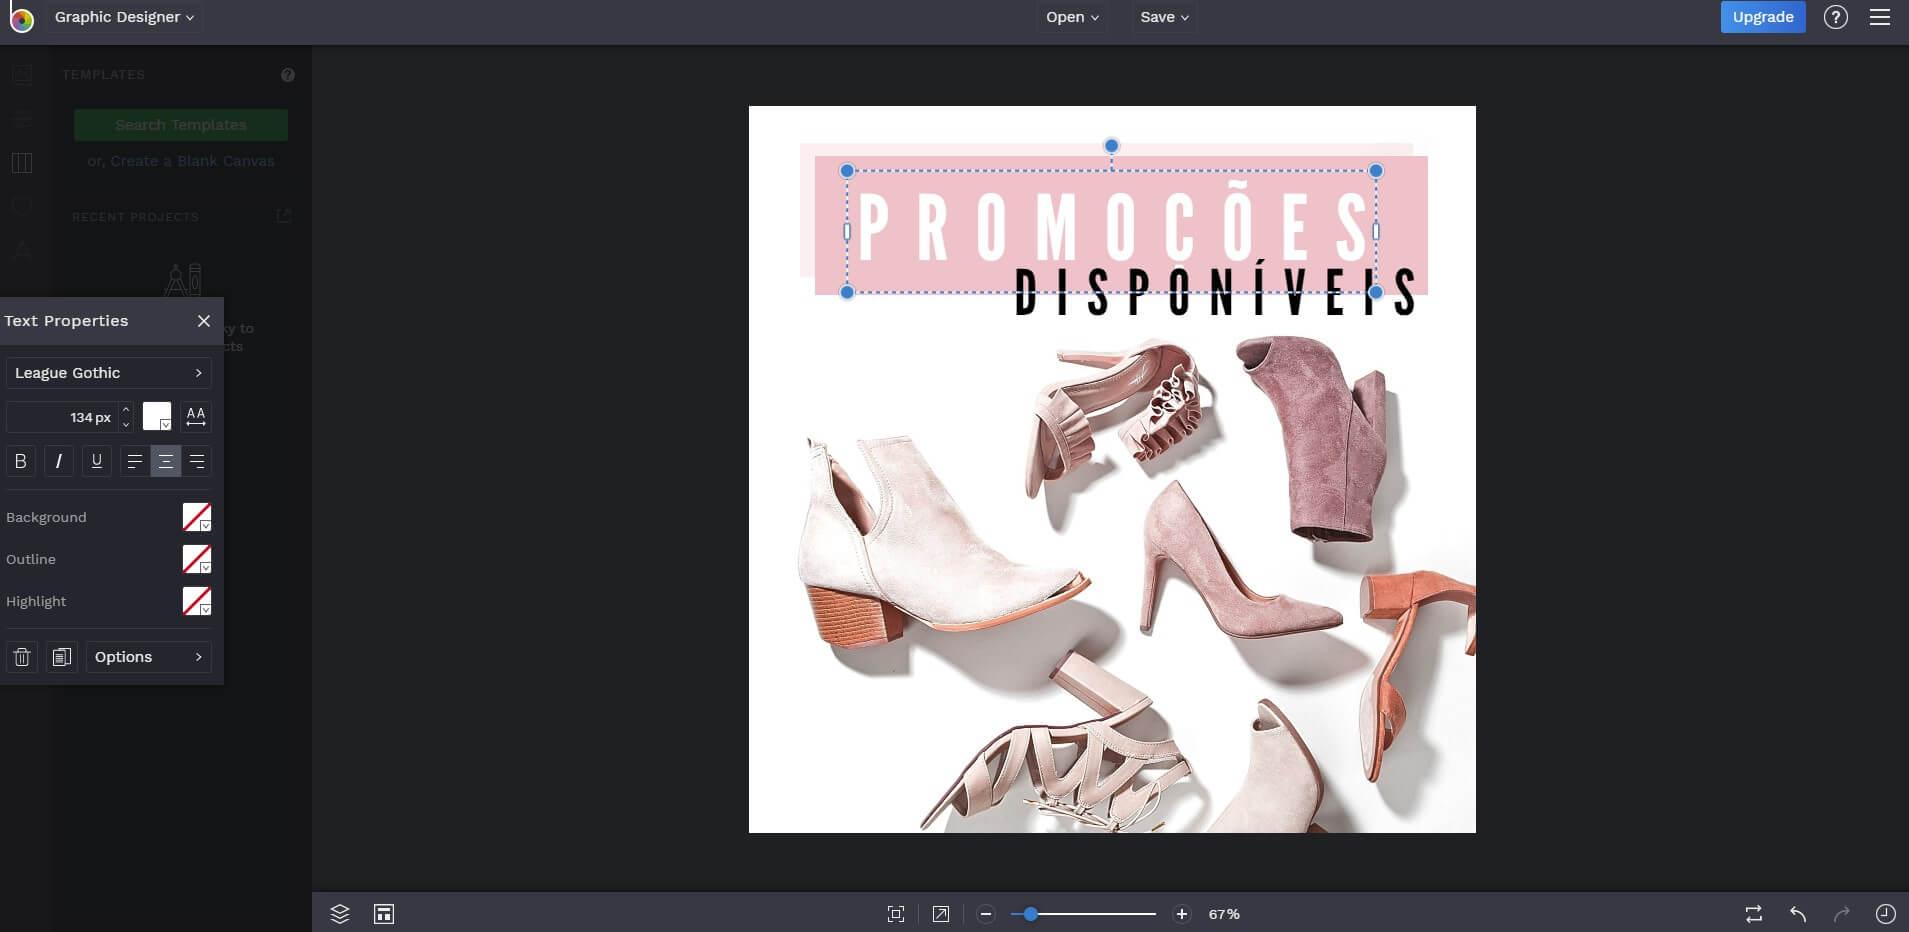 Captura de tela do BeFunky com propaganda de sapatos femininos.